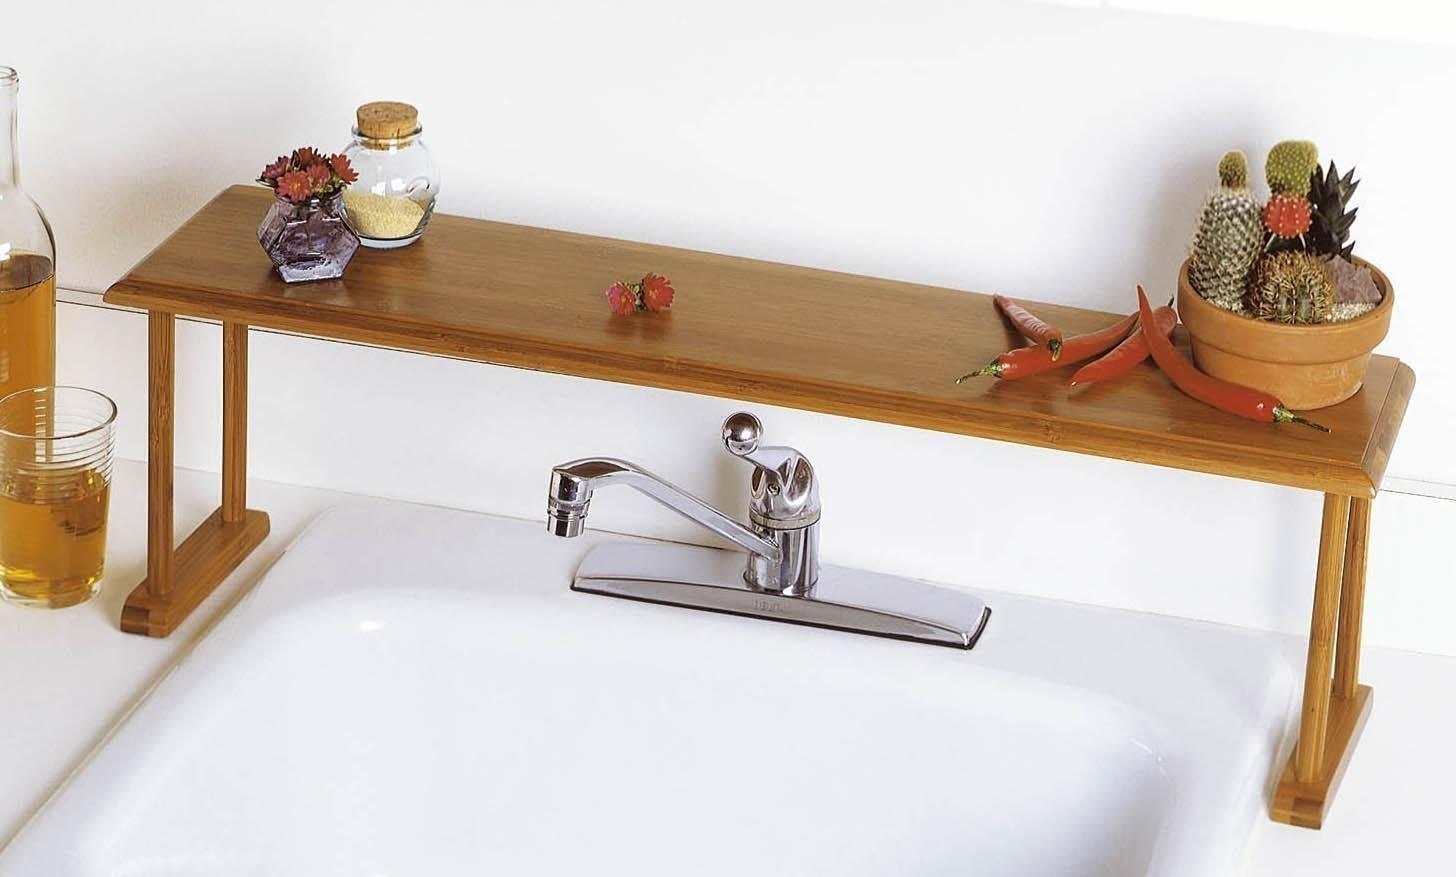 Idee Salvaspazio Bagno : Mensole salvaspazio in bagno ecco idee da cui trarre